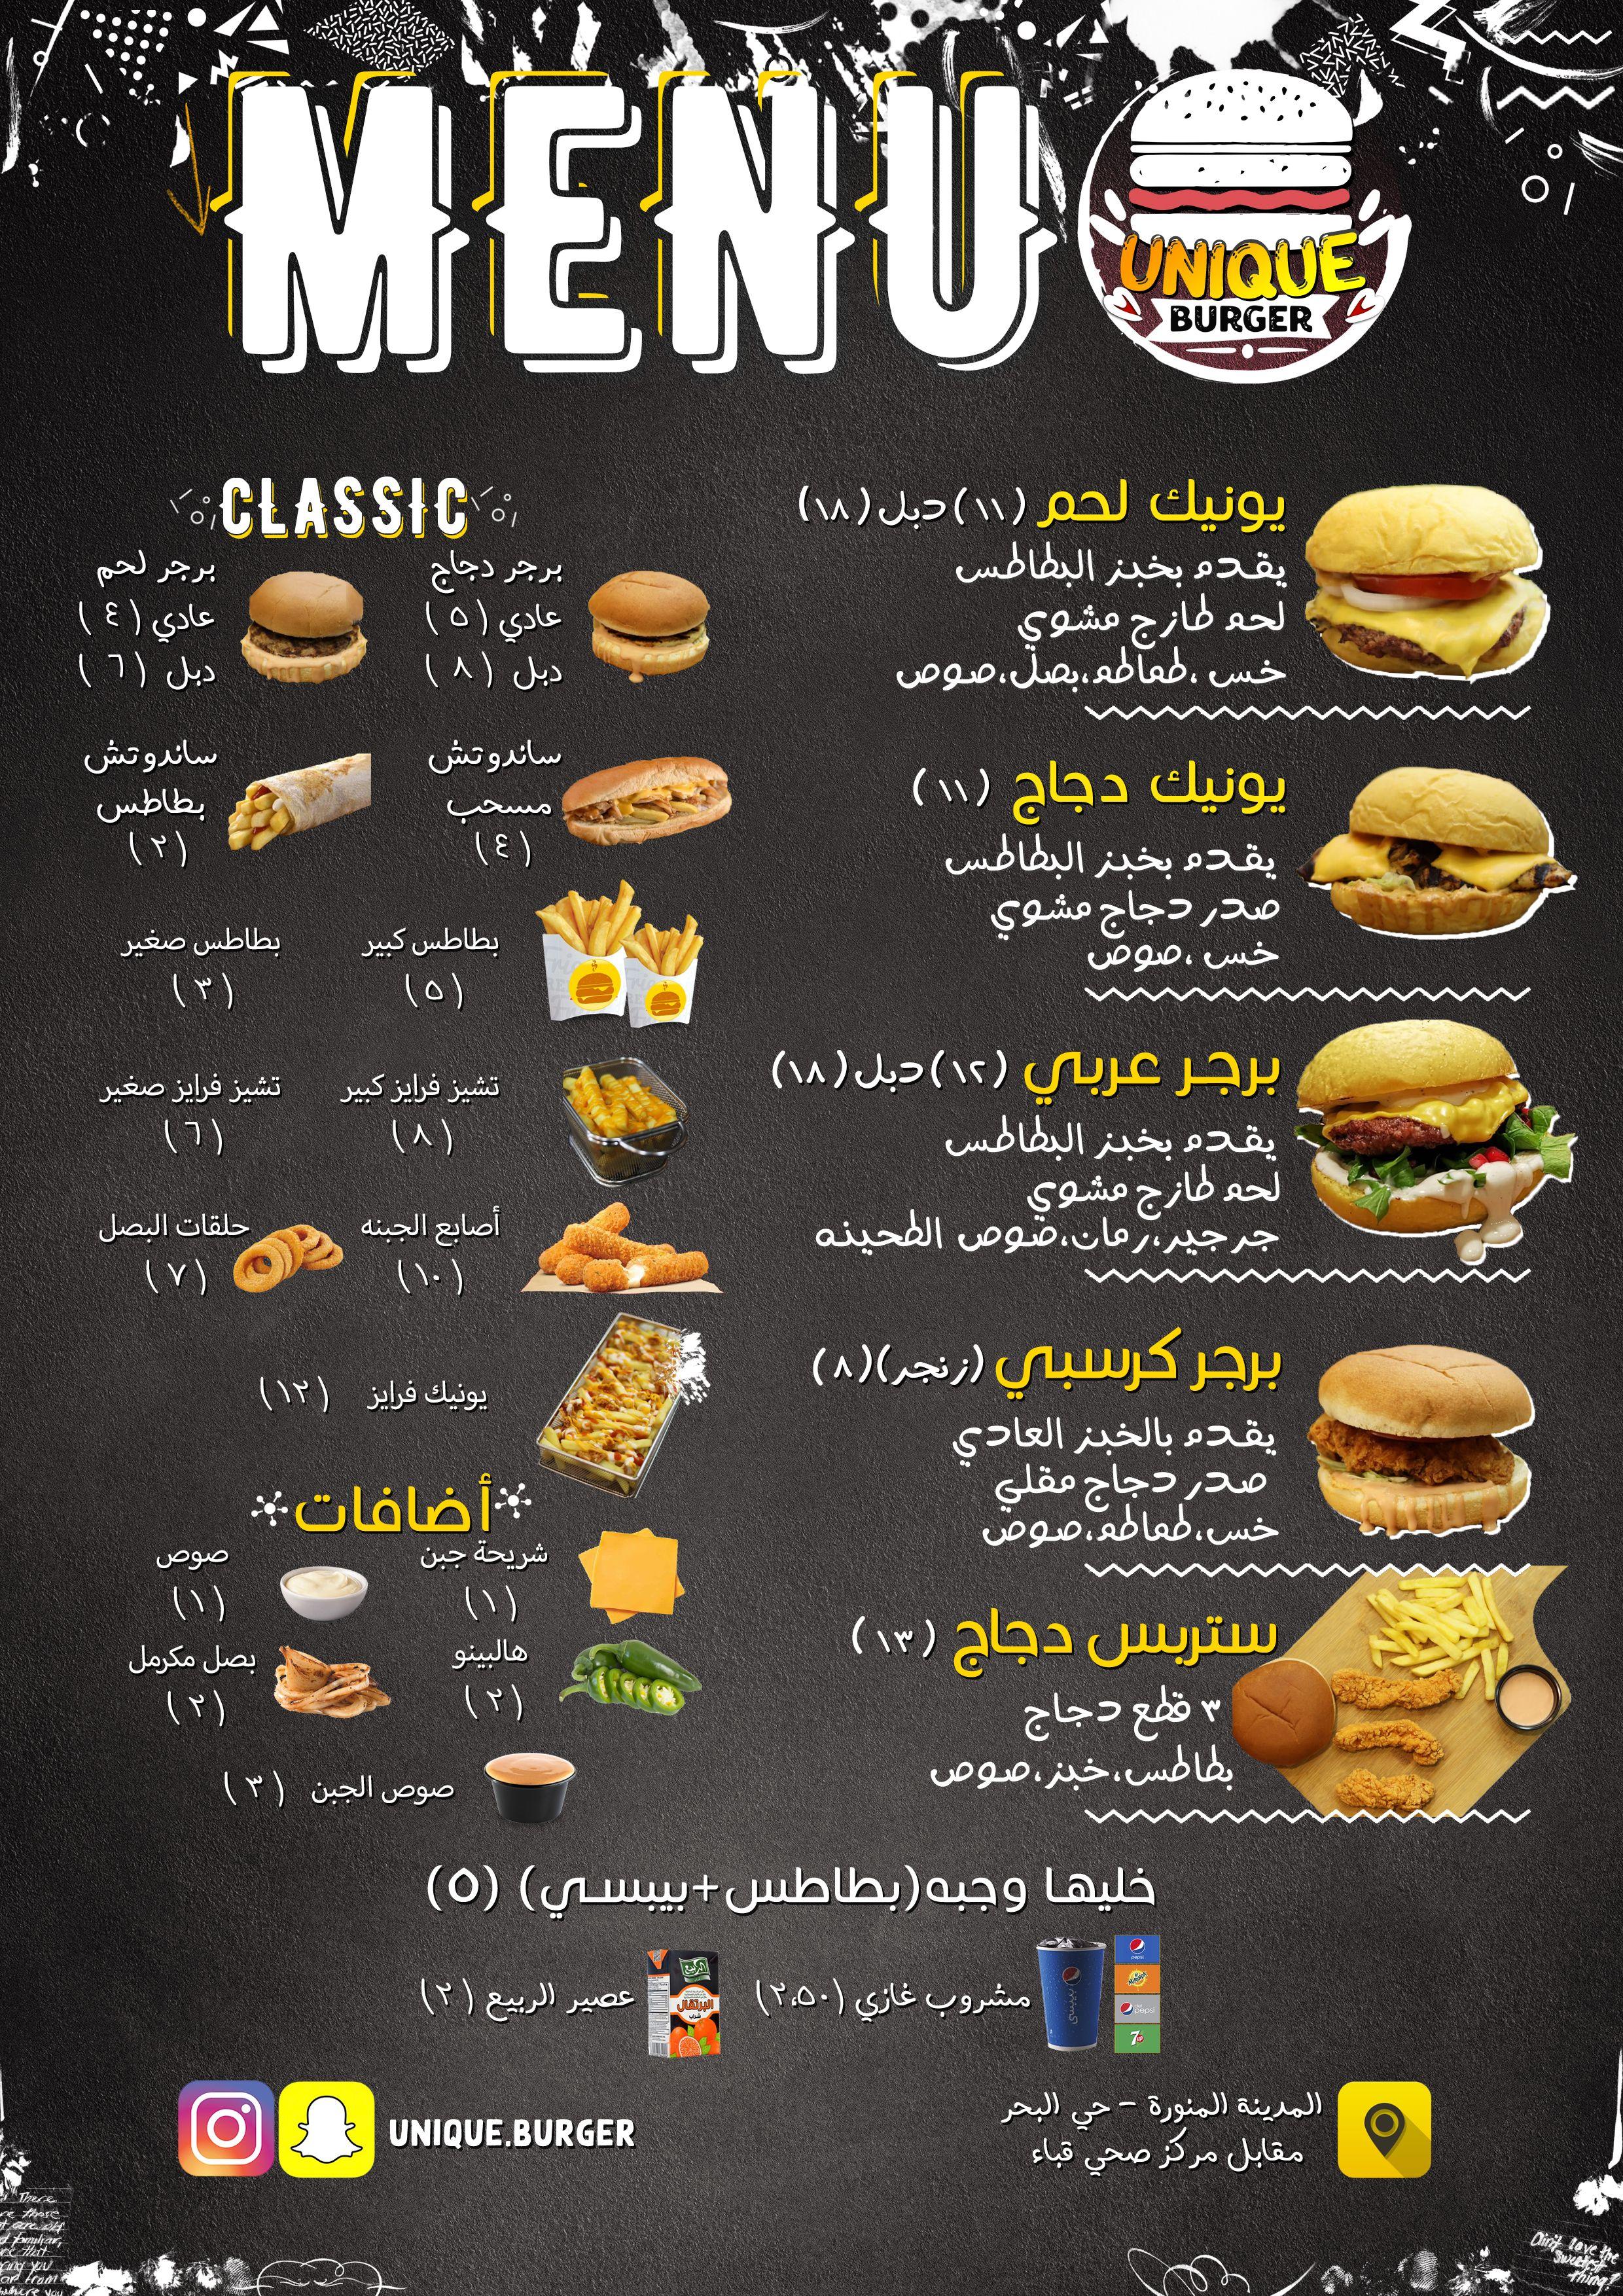 تصميم منيو مطعم يونيك برجر Unique Burgers Burger Menu